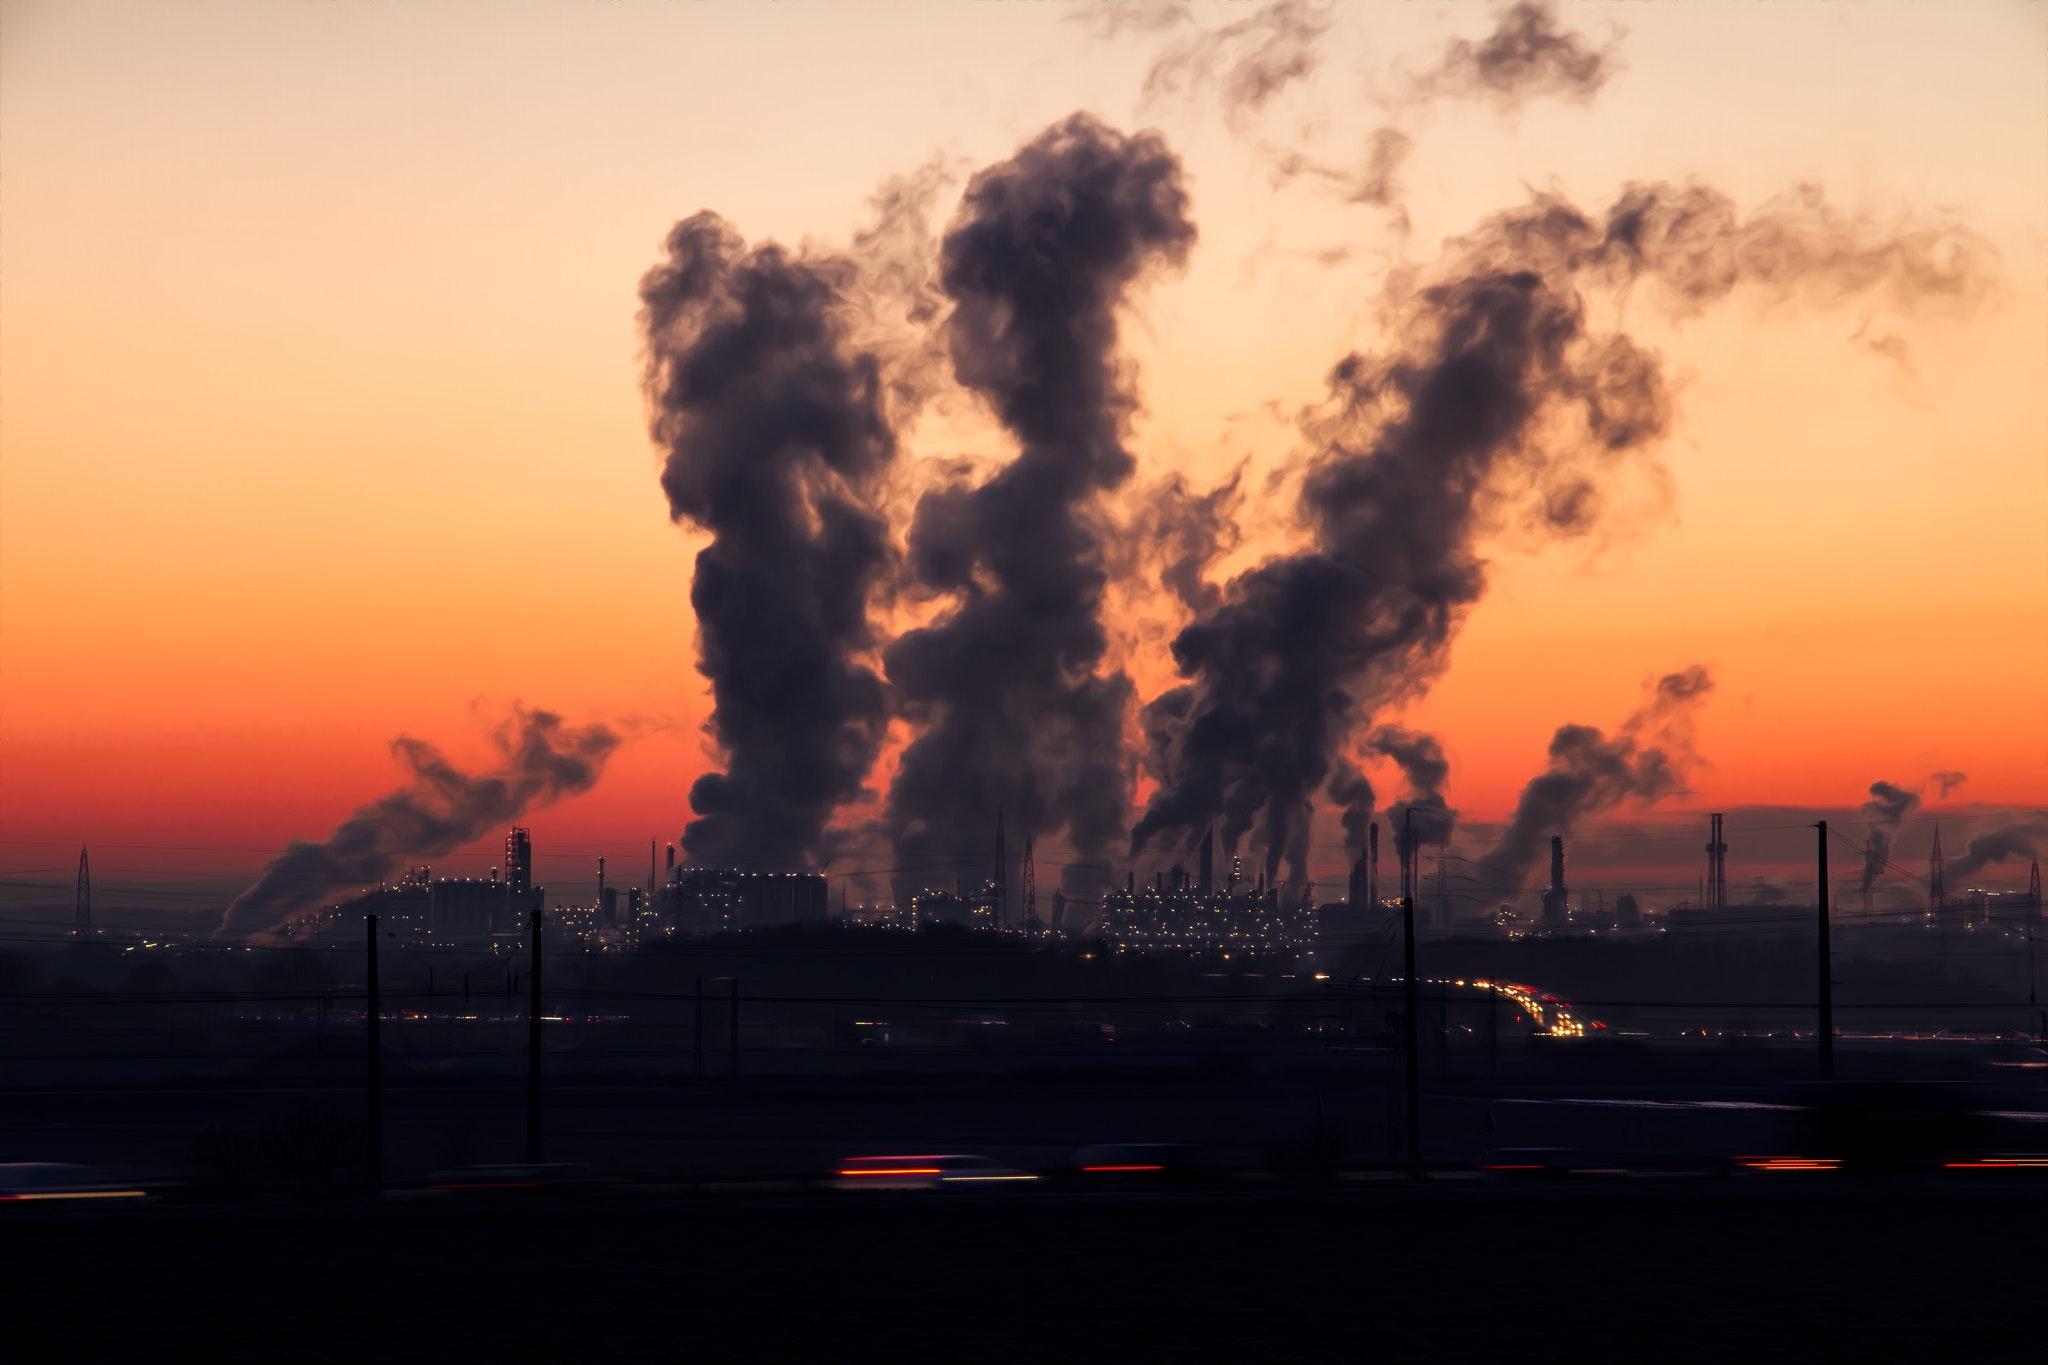 L'arrêt des industries a provoqué une forte amélioration de la qualité de l'air